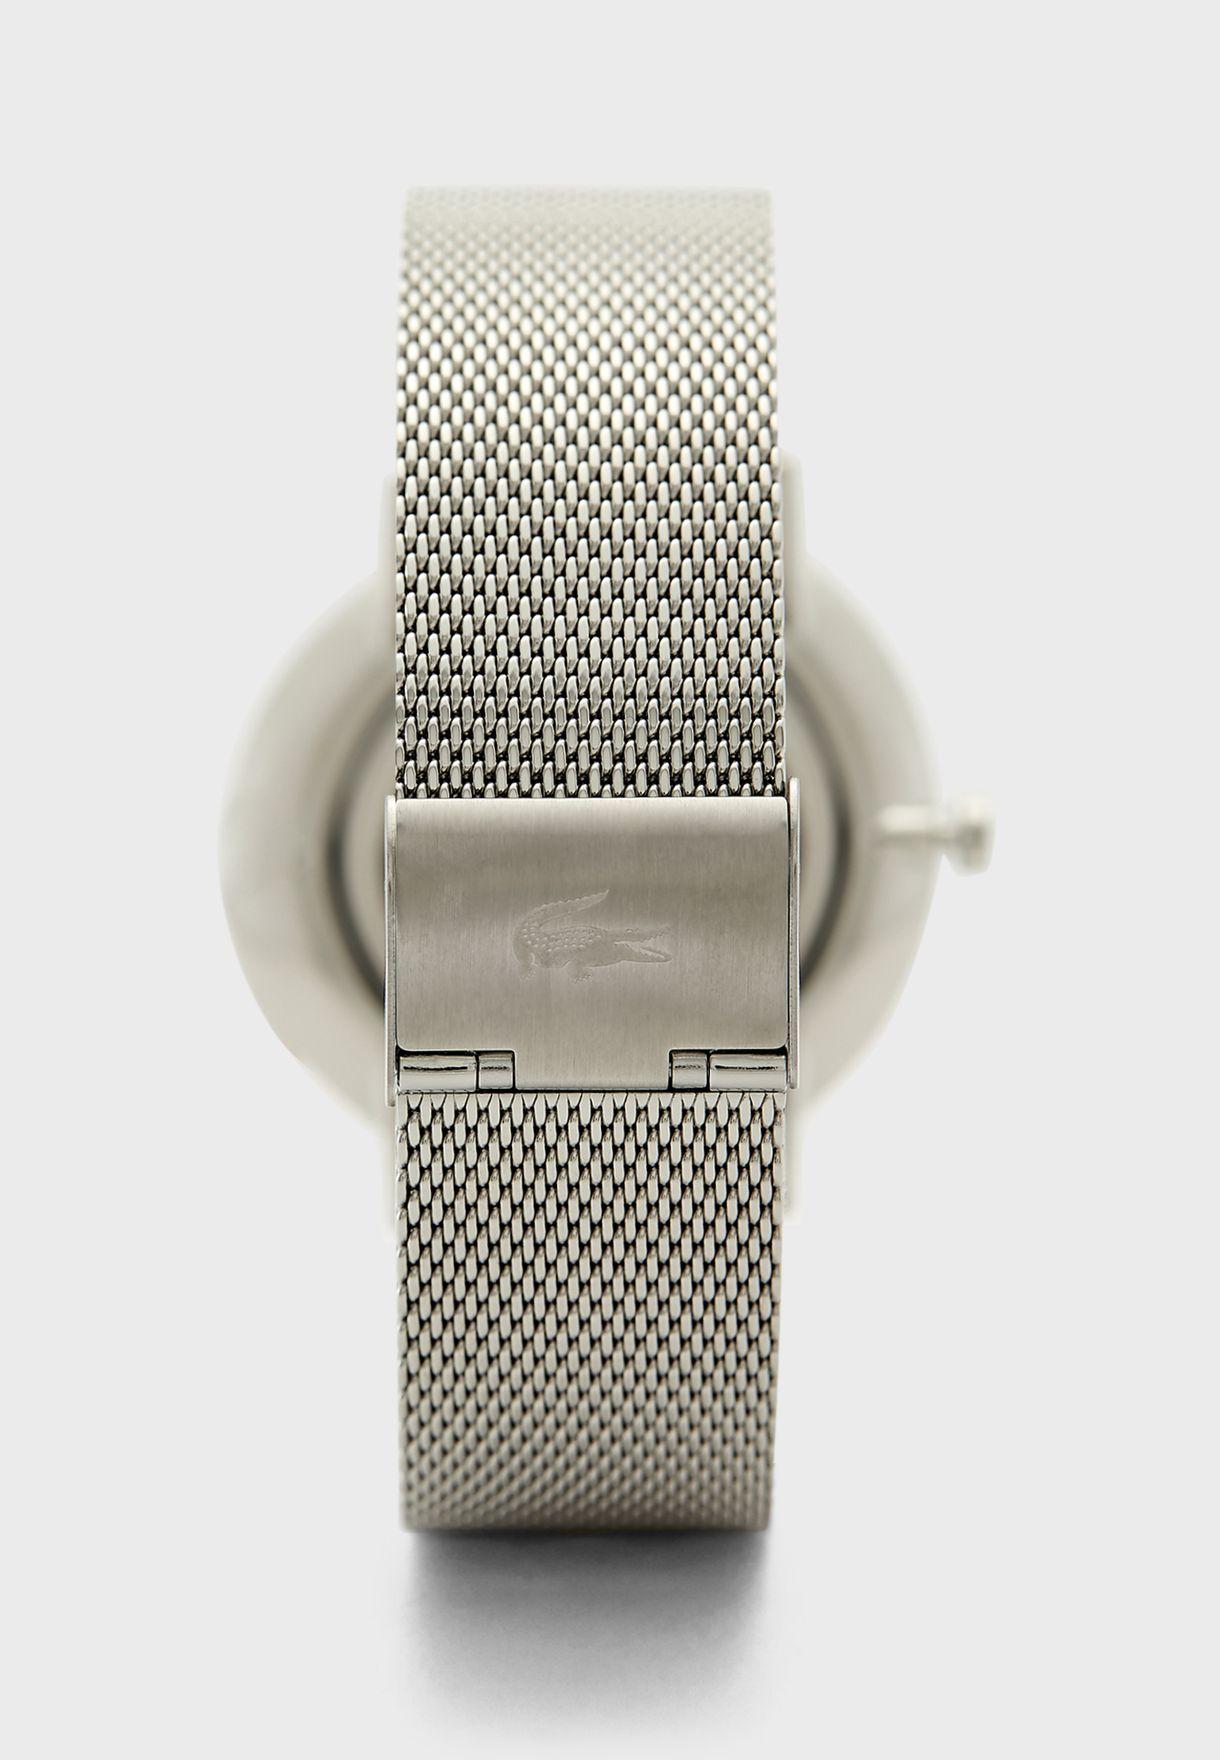 Round Steel Strap Analog Watch